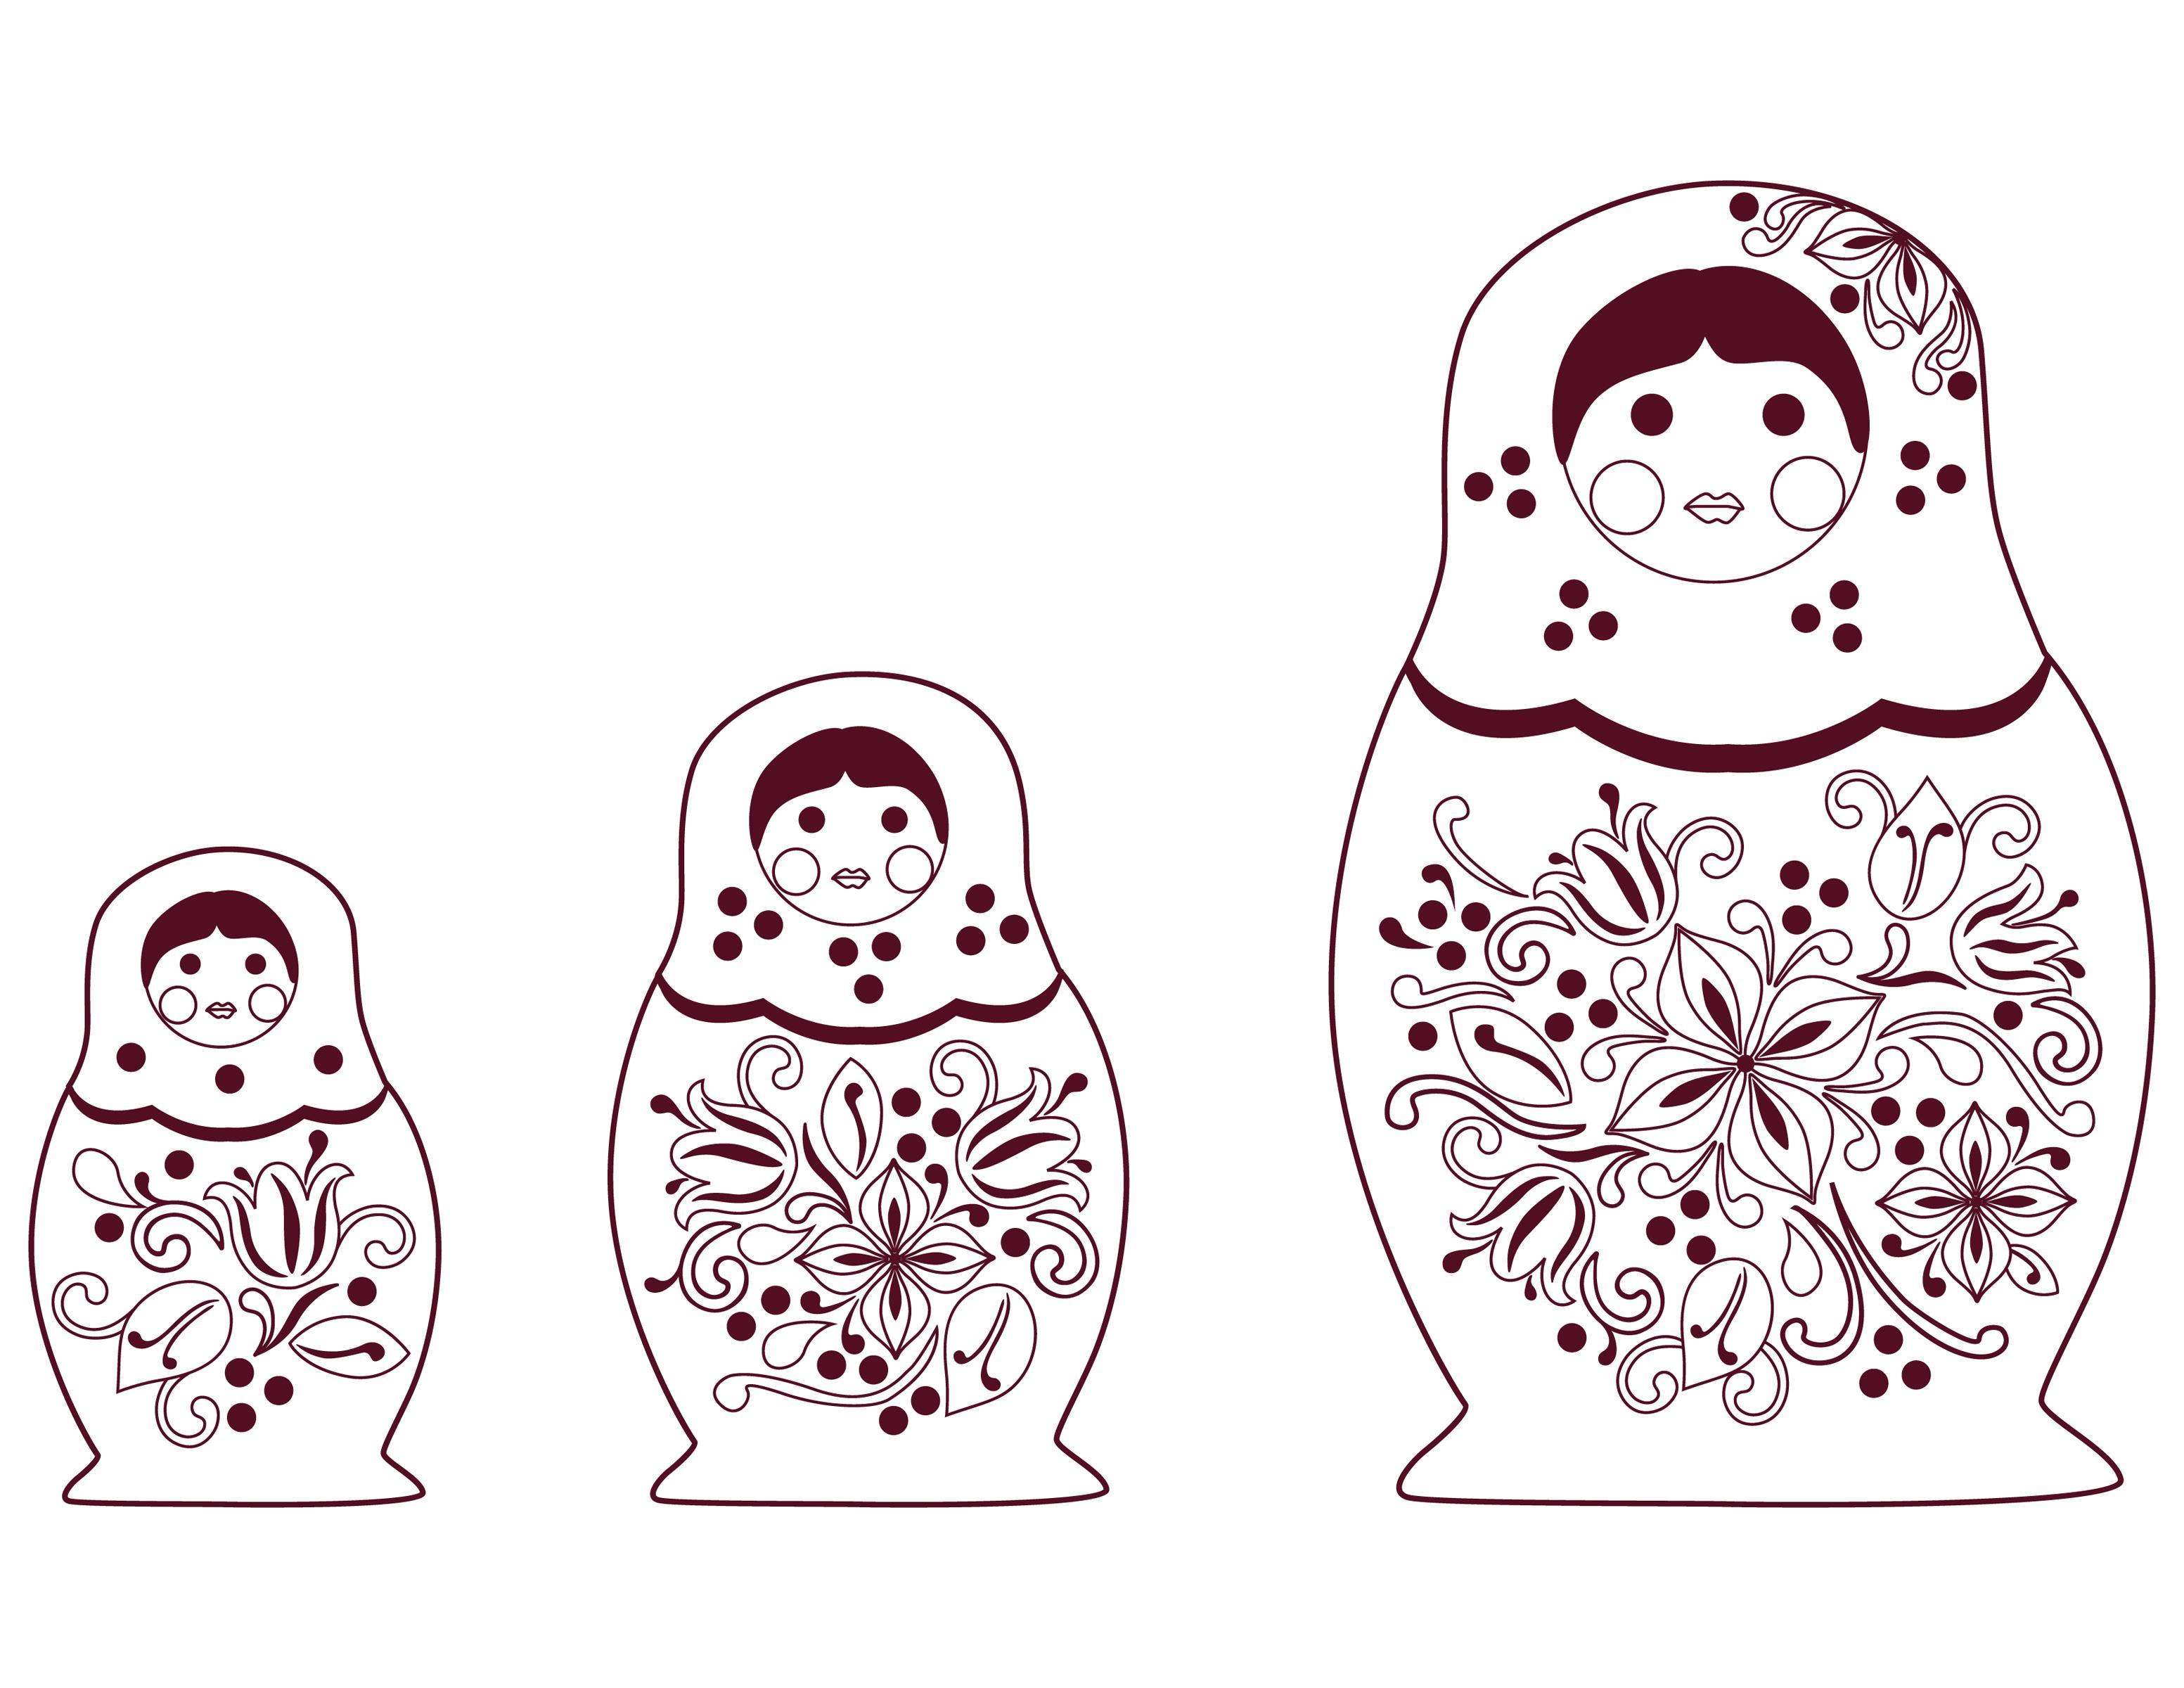 Расписные матрешки Раскраски для девочек онлайн